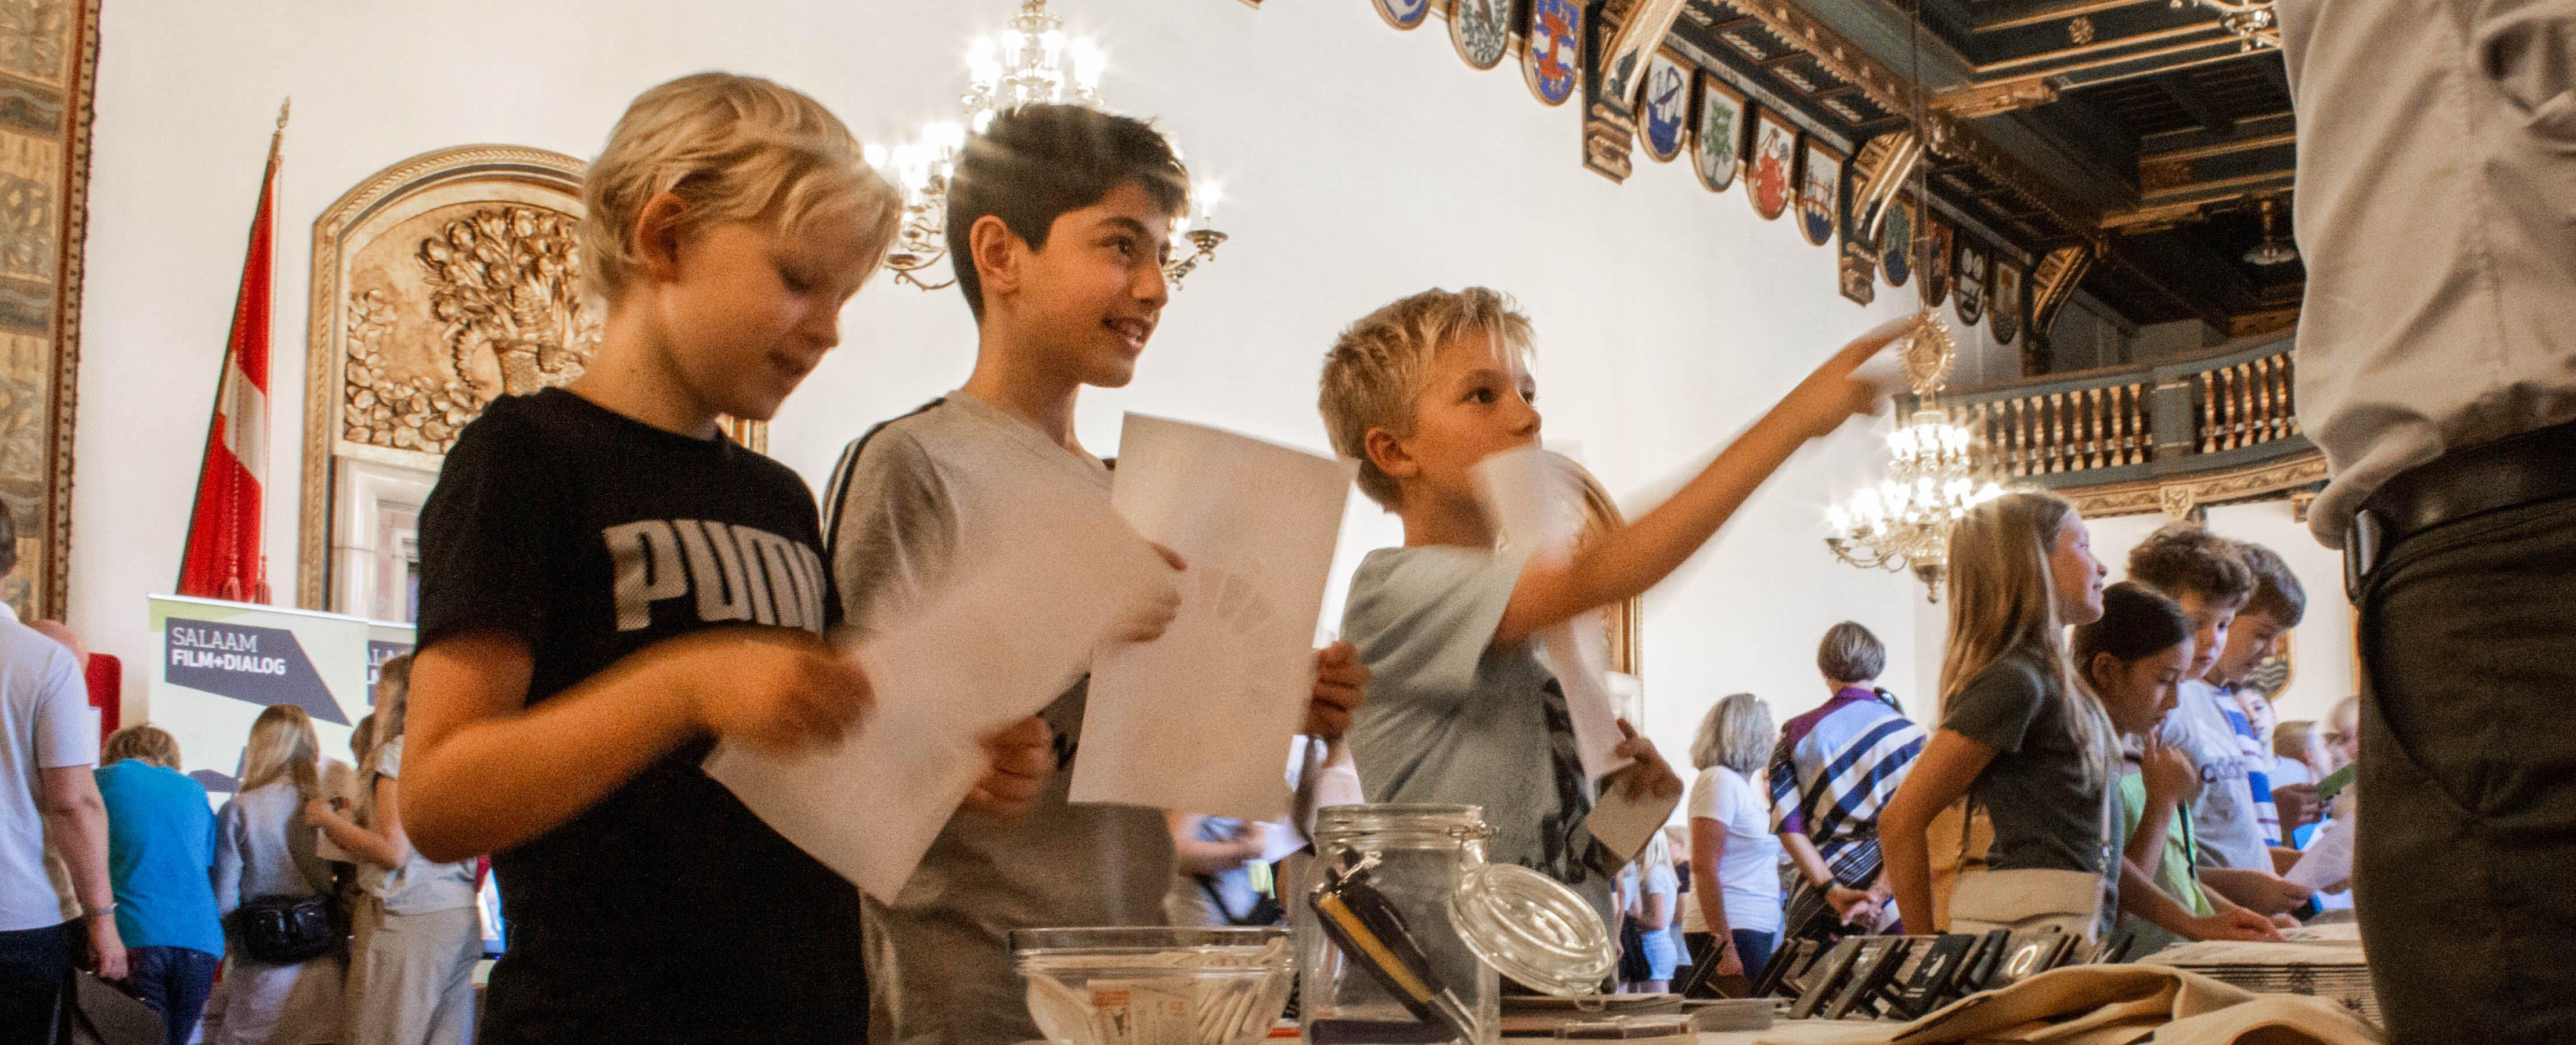 Sidste år blev Verdenstimen lanceret på Københavns Rådhus. Her er elever fra 5. klasse i gang med at afprøve undervisningsmaterialet. Foto: Lauge Eilsøe-Madsen